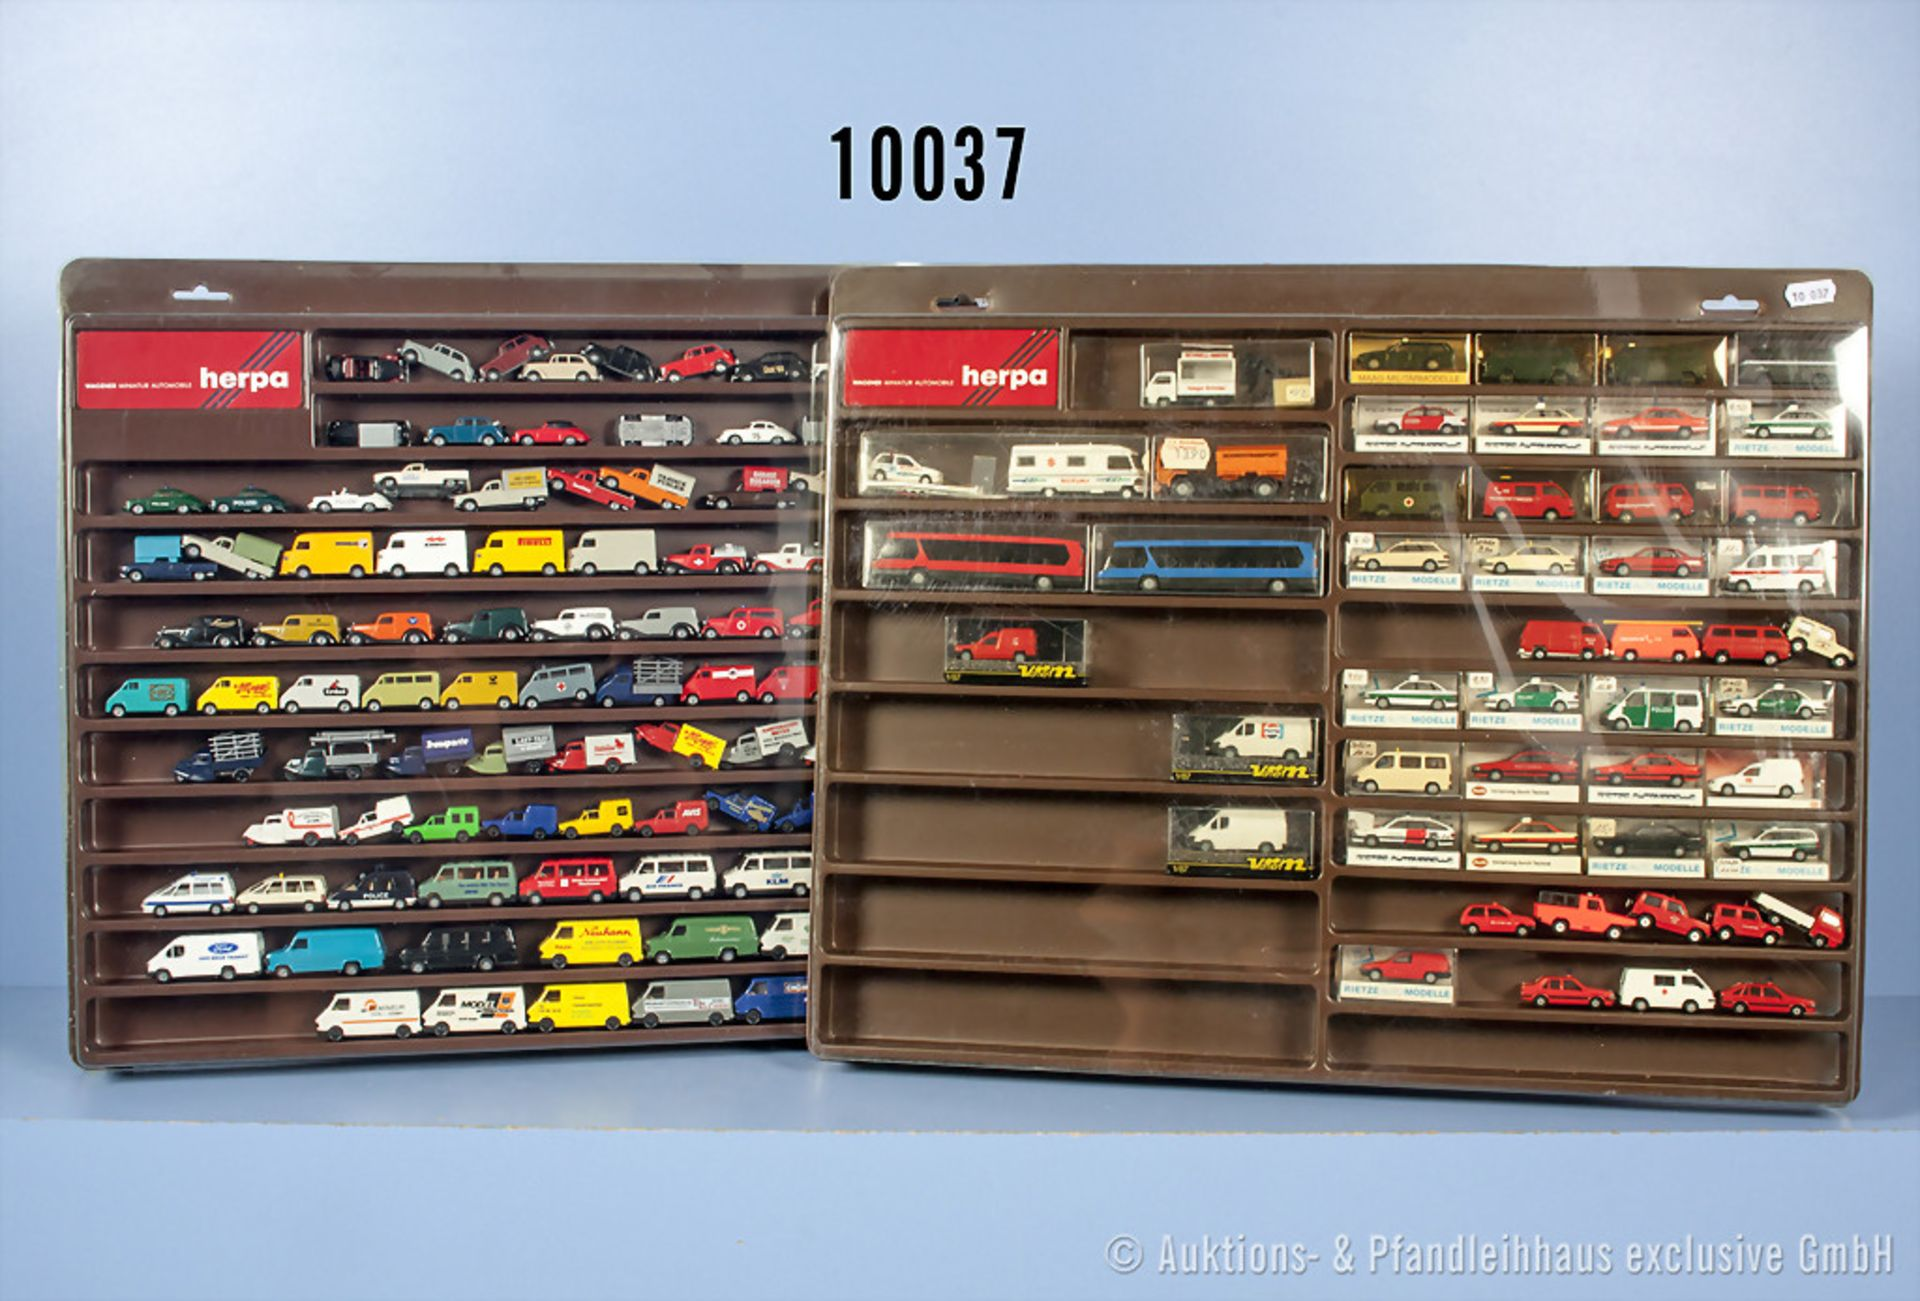 Konv. 150 H0 Modellfahrzeuge, dabei Pkw, Transporter, Einsatzfahrzeuge usw., teilweise ...